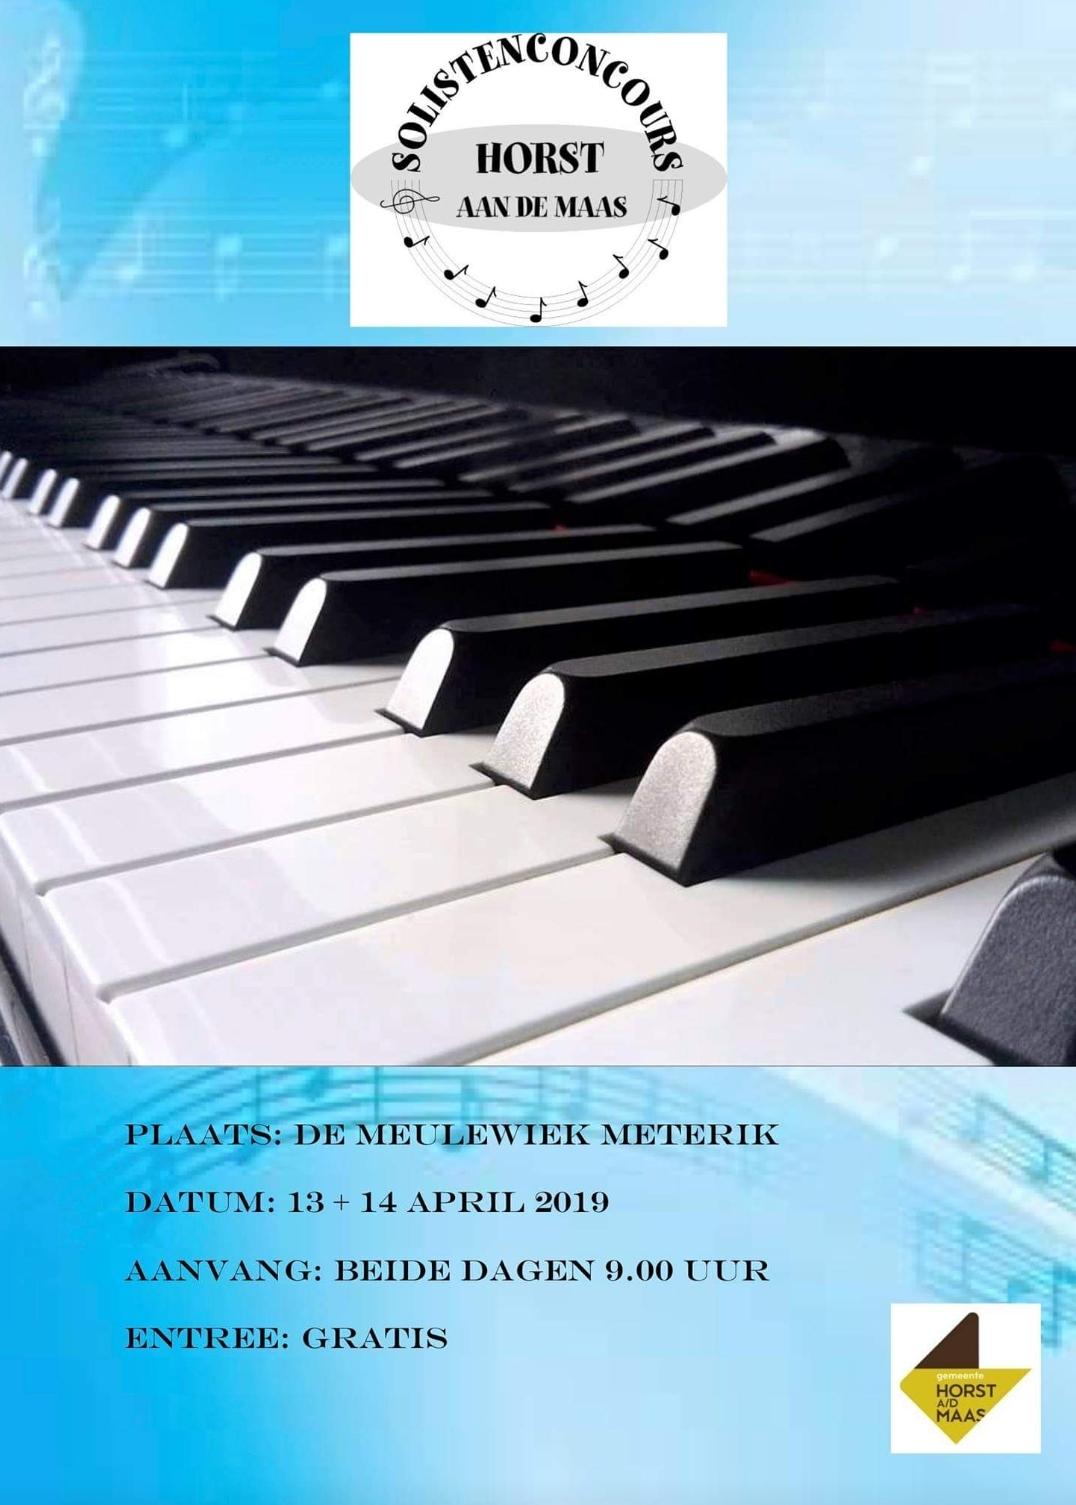 Uitslagen solistenconcours Horst aan de maas